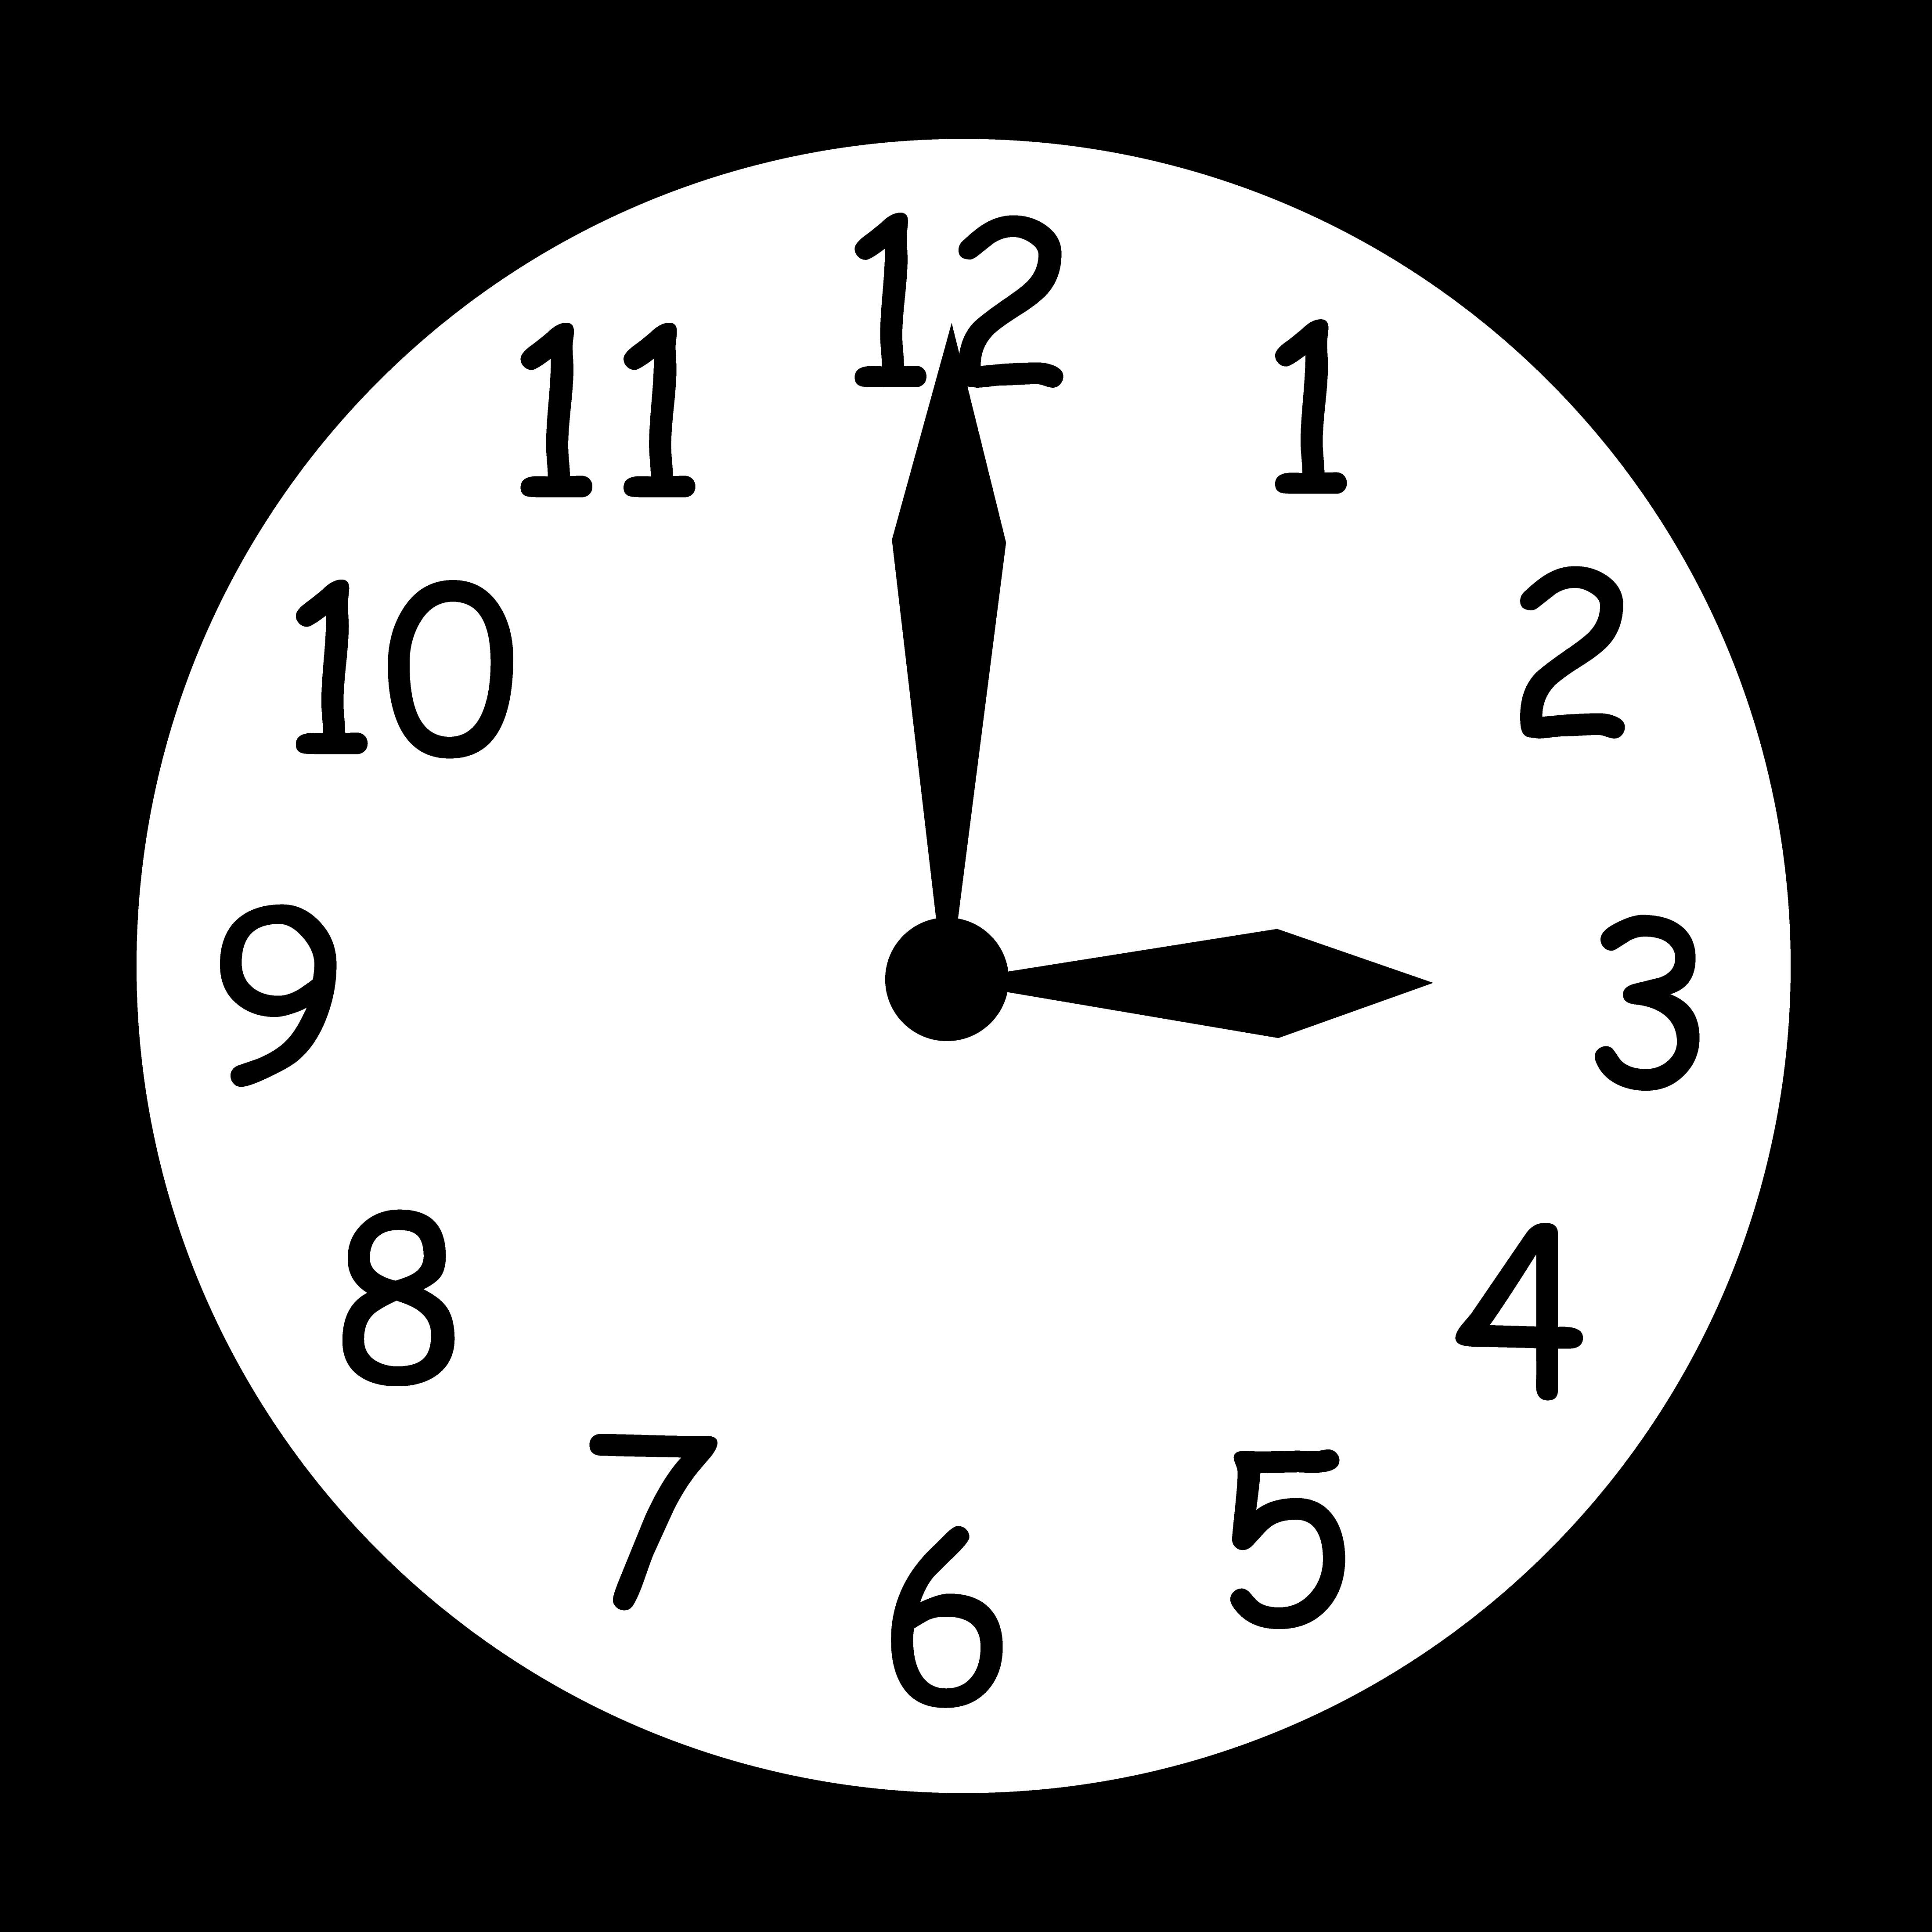 4400x4400 Clock Clip Art Free Clipart Images